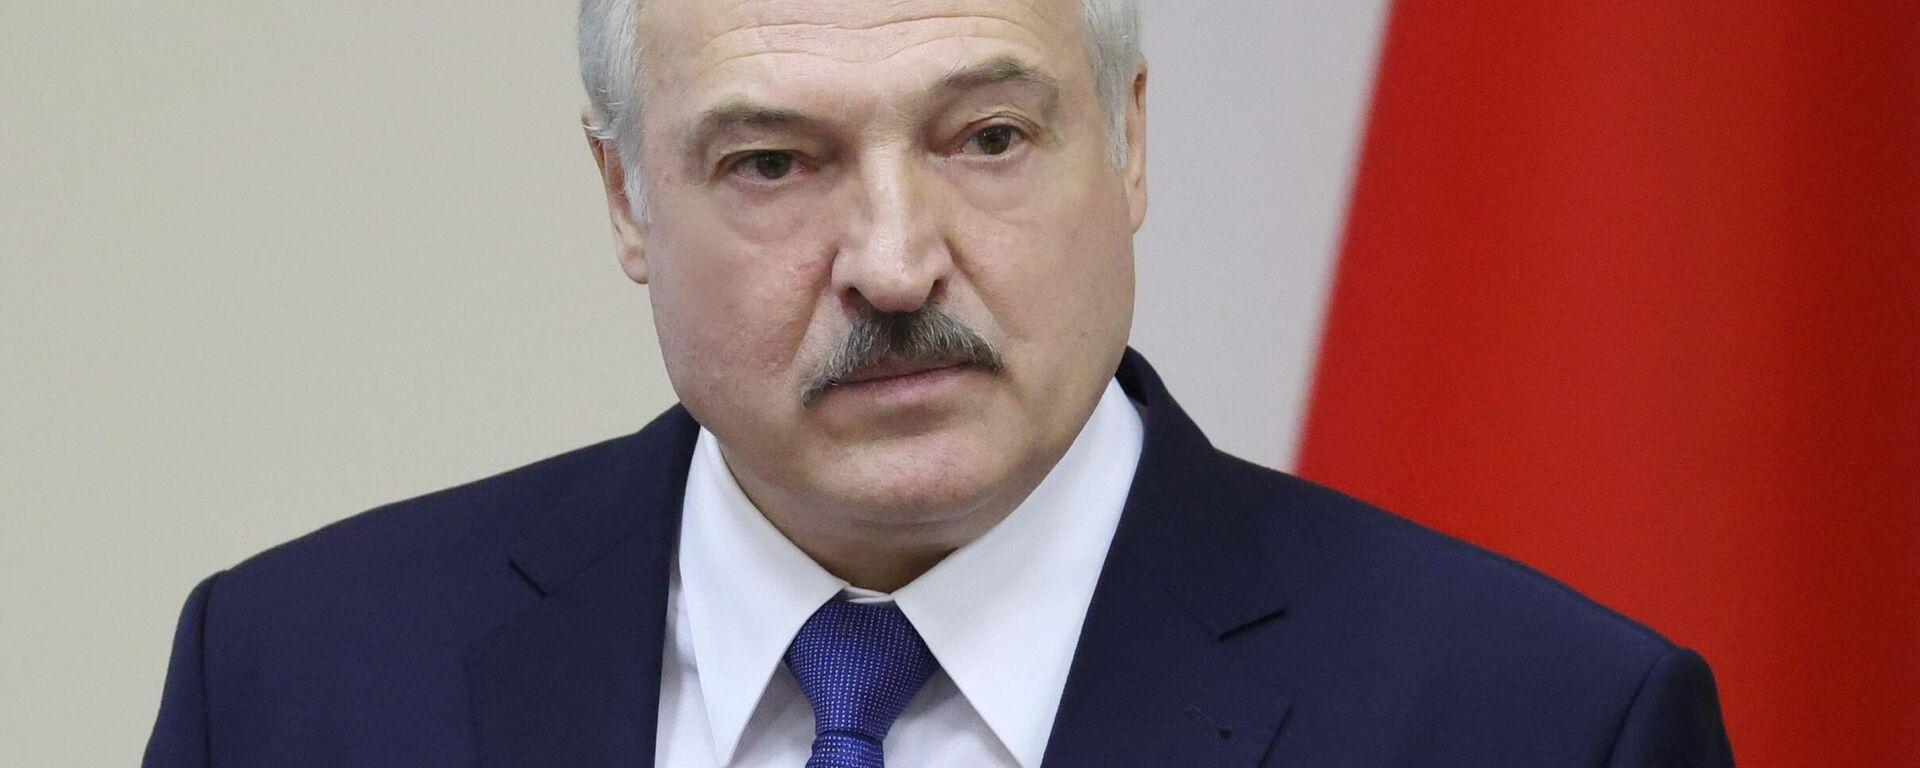 Alexander Lukaschenko (Archivfoto) - SNA, 1920, 06.07.2021